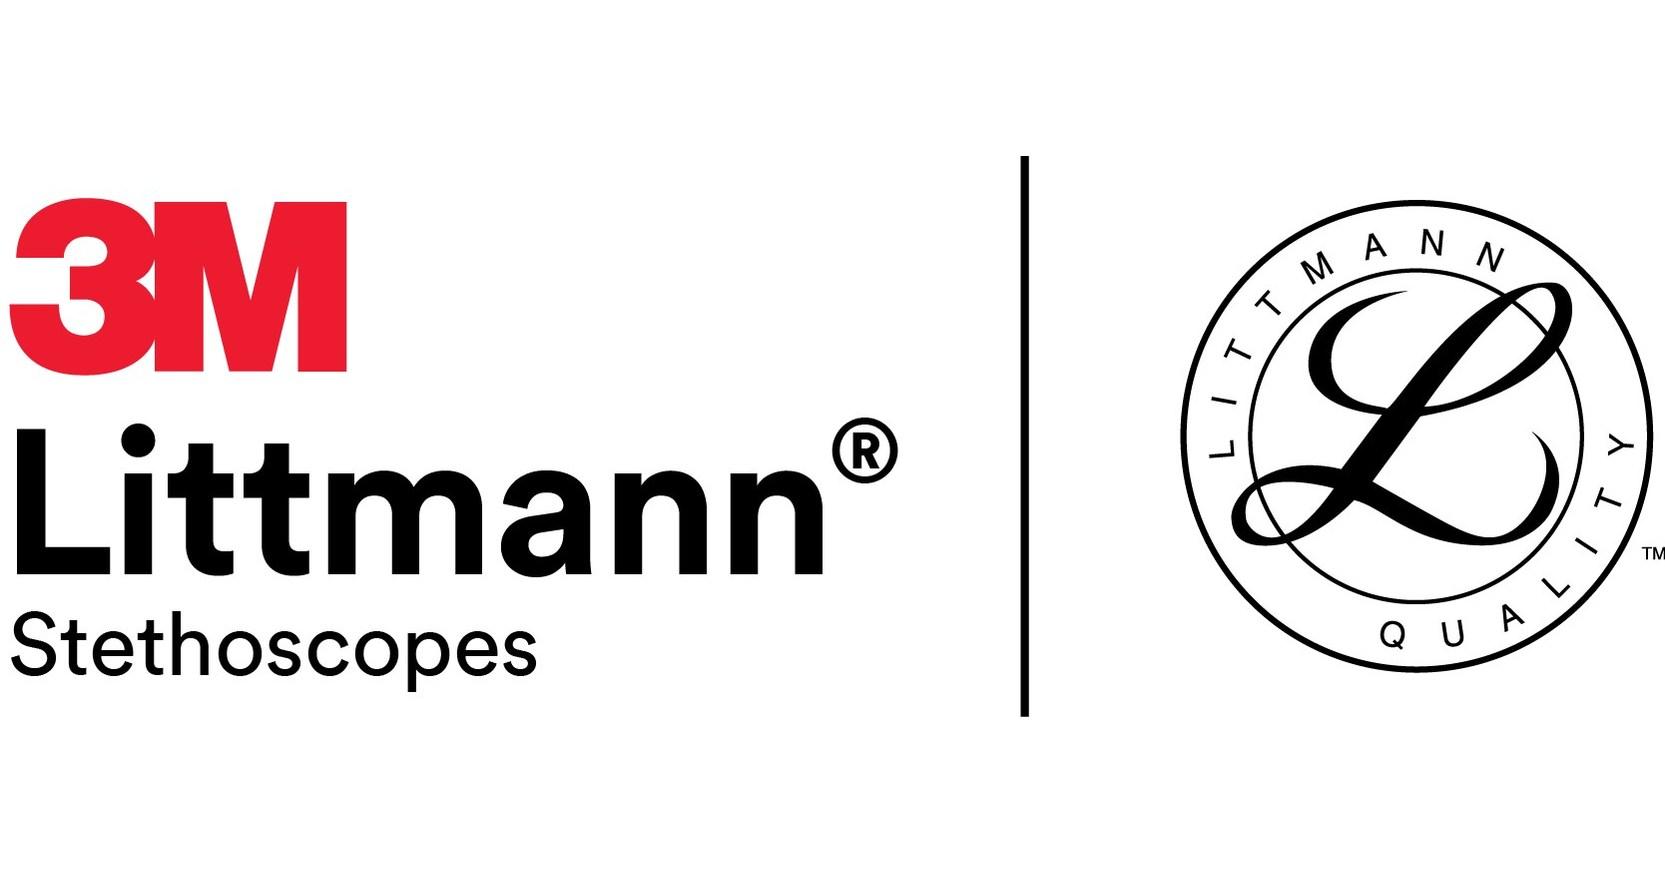 3M™ Littmann